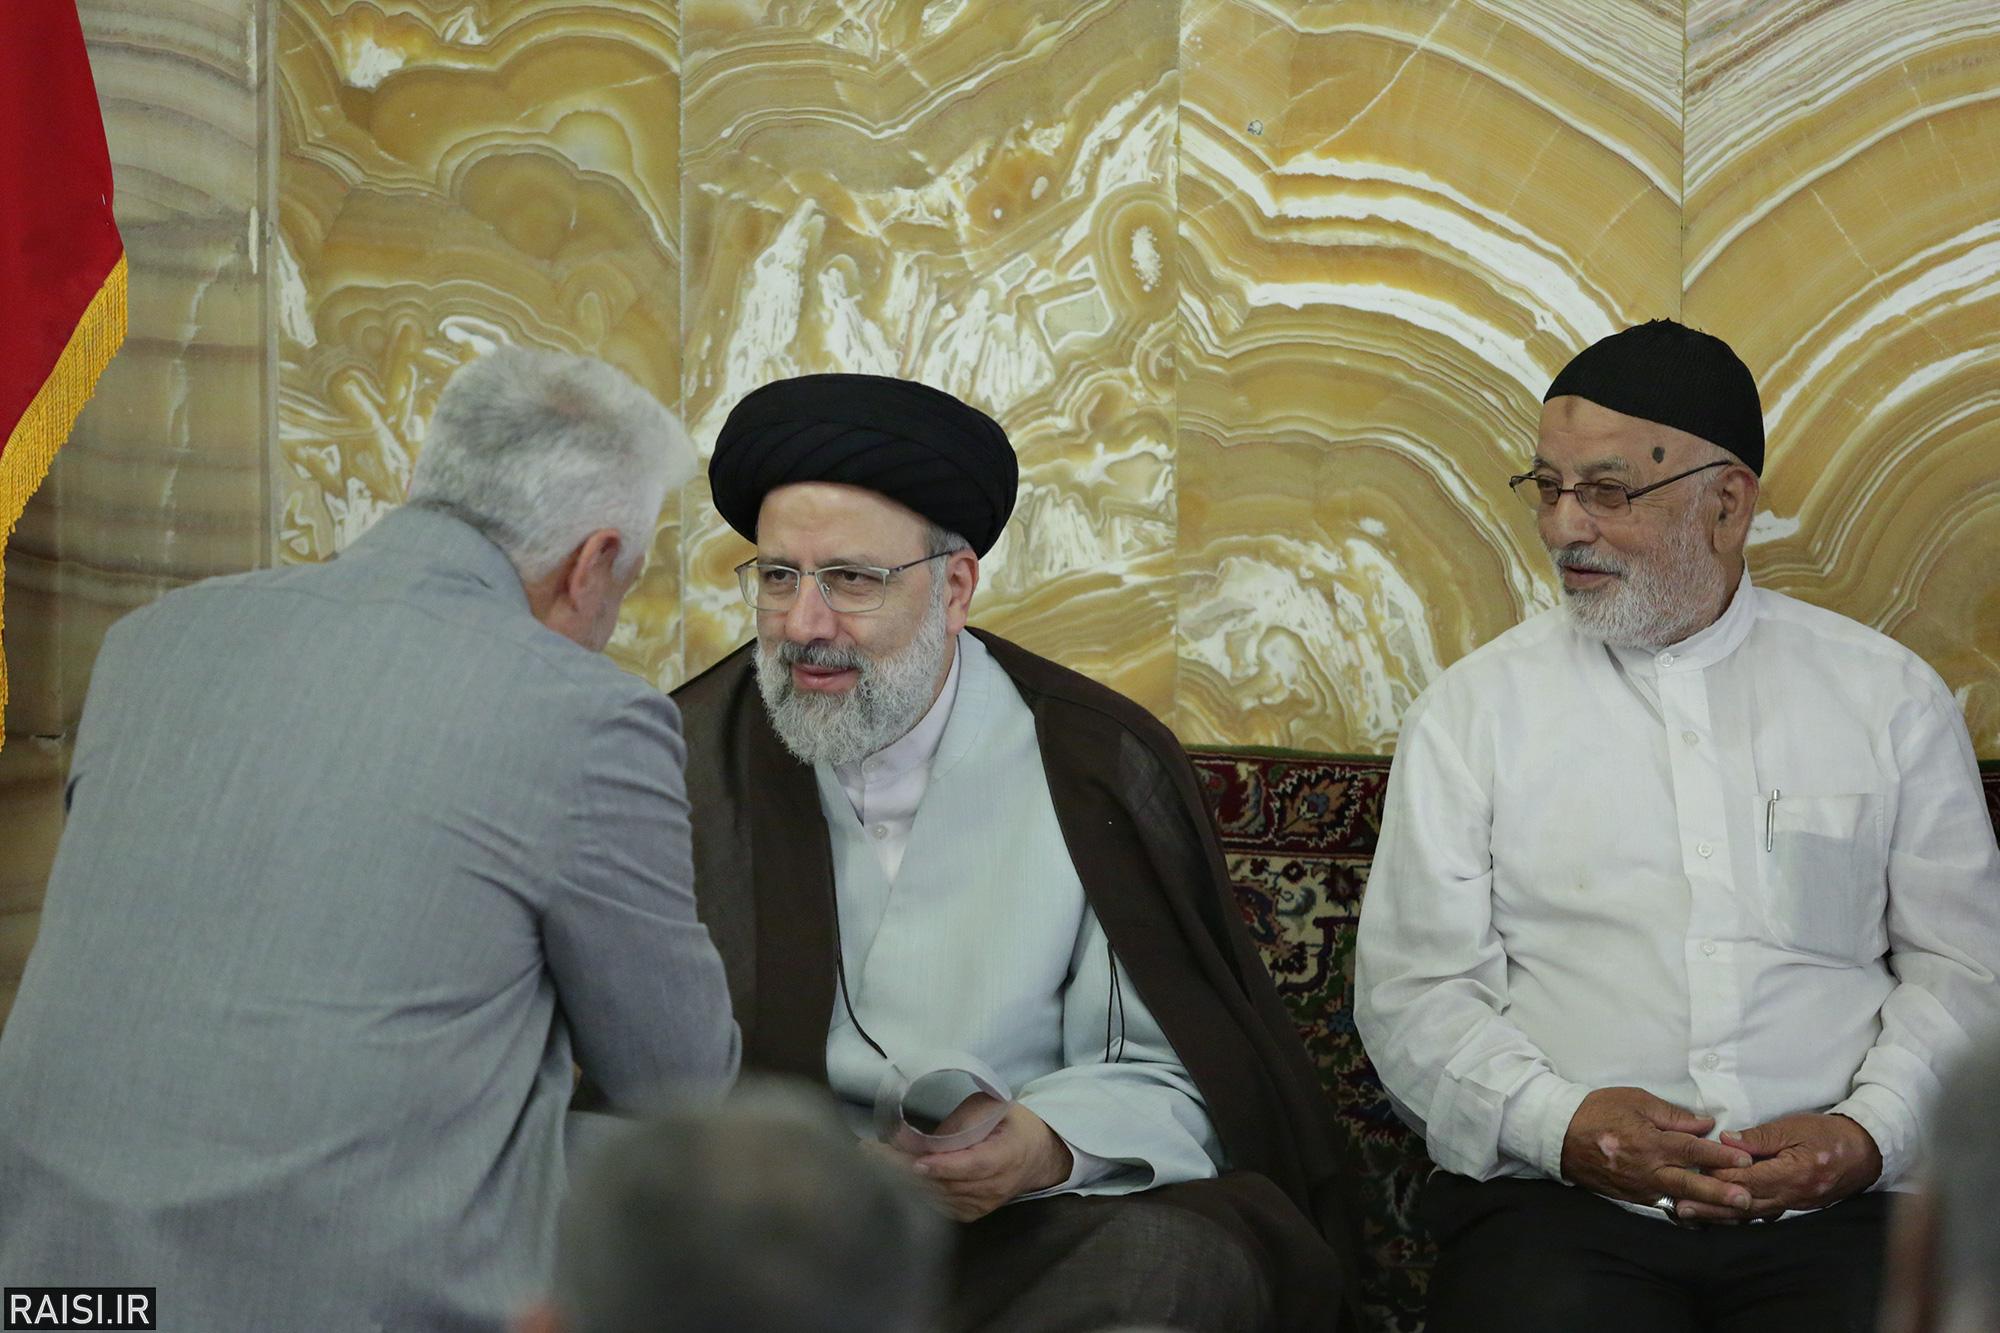 دیدار نمایندگان اصناف و بازاریان مشهد مقدس با تولیت آستان قدس رضوی